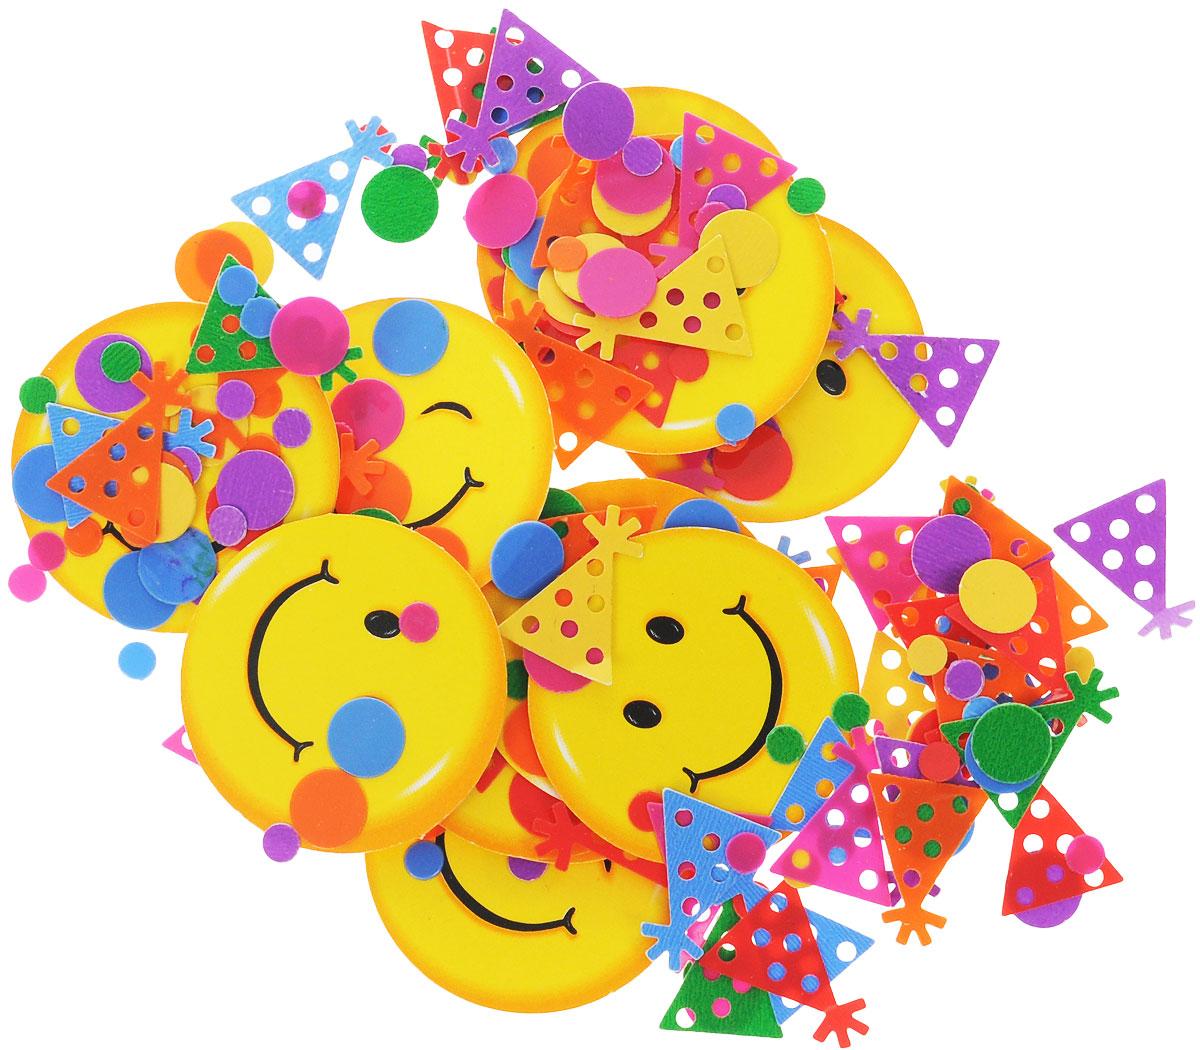 Веселая затея Конфетти Улыбки, 14 г64512_4Конфетти Веселая затея Улыбки - неотъемлемый атрибут праздников, триумфальных шествий, а также свадебных торжеств. Выполнено из прочного материала в форме веселых смайликов и различных разноцветных мелких фигурок.Конфетти осыпают друг друга участники празднеств или его сбрасывают сверху. Конфетти, рассыпанное на столе, является необычной и привлекательной формой украшения праздничного застолья. Еще один оригинальный способ порадовать друзей и близких - насыпьте конфетти в конверт с открыткой - это будет неожиданный сюрприз!Это чудесное украшение принесет в ваш дом или офис незабываемую атмосферу праздничного веселья!